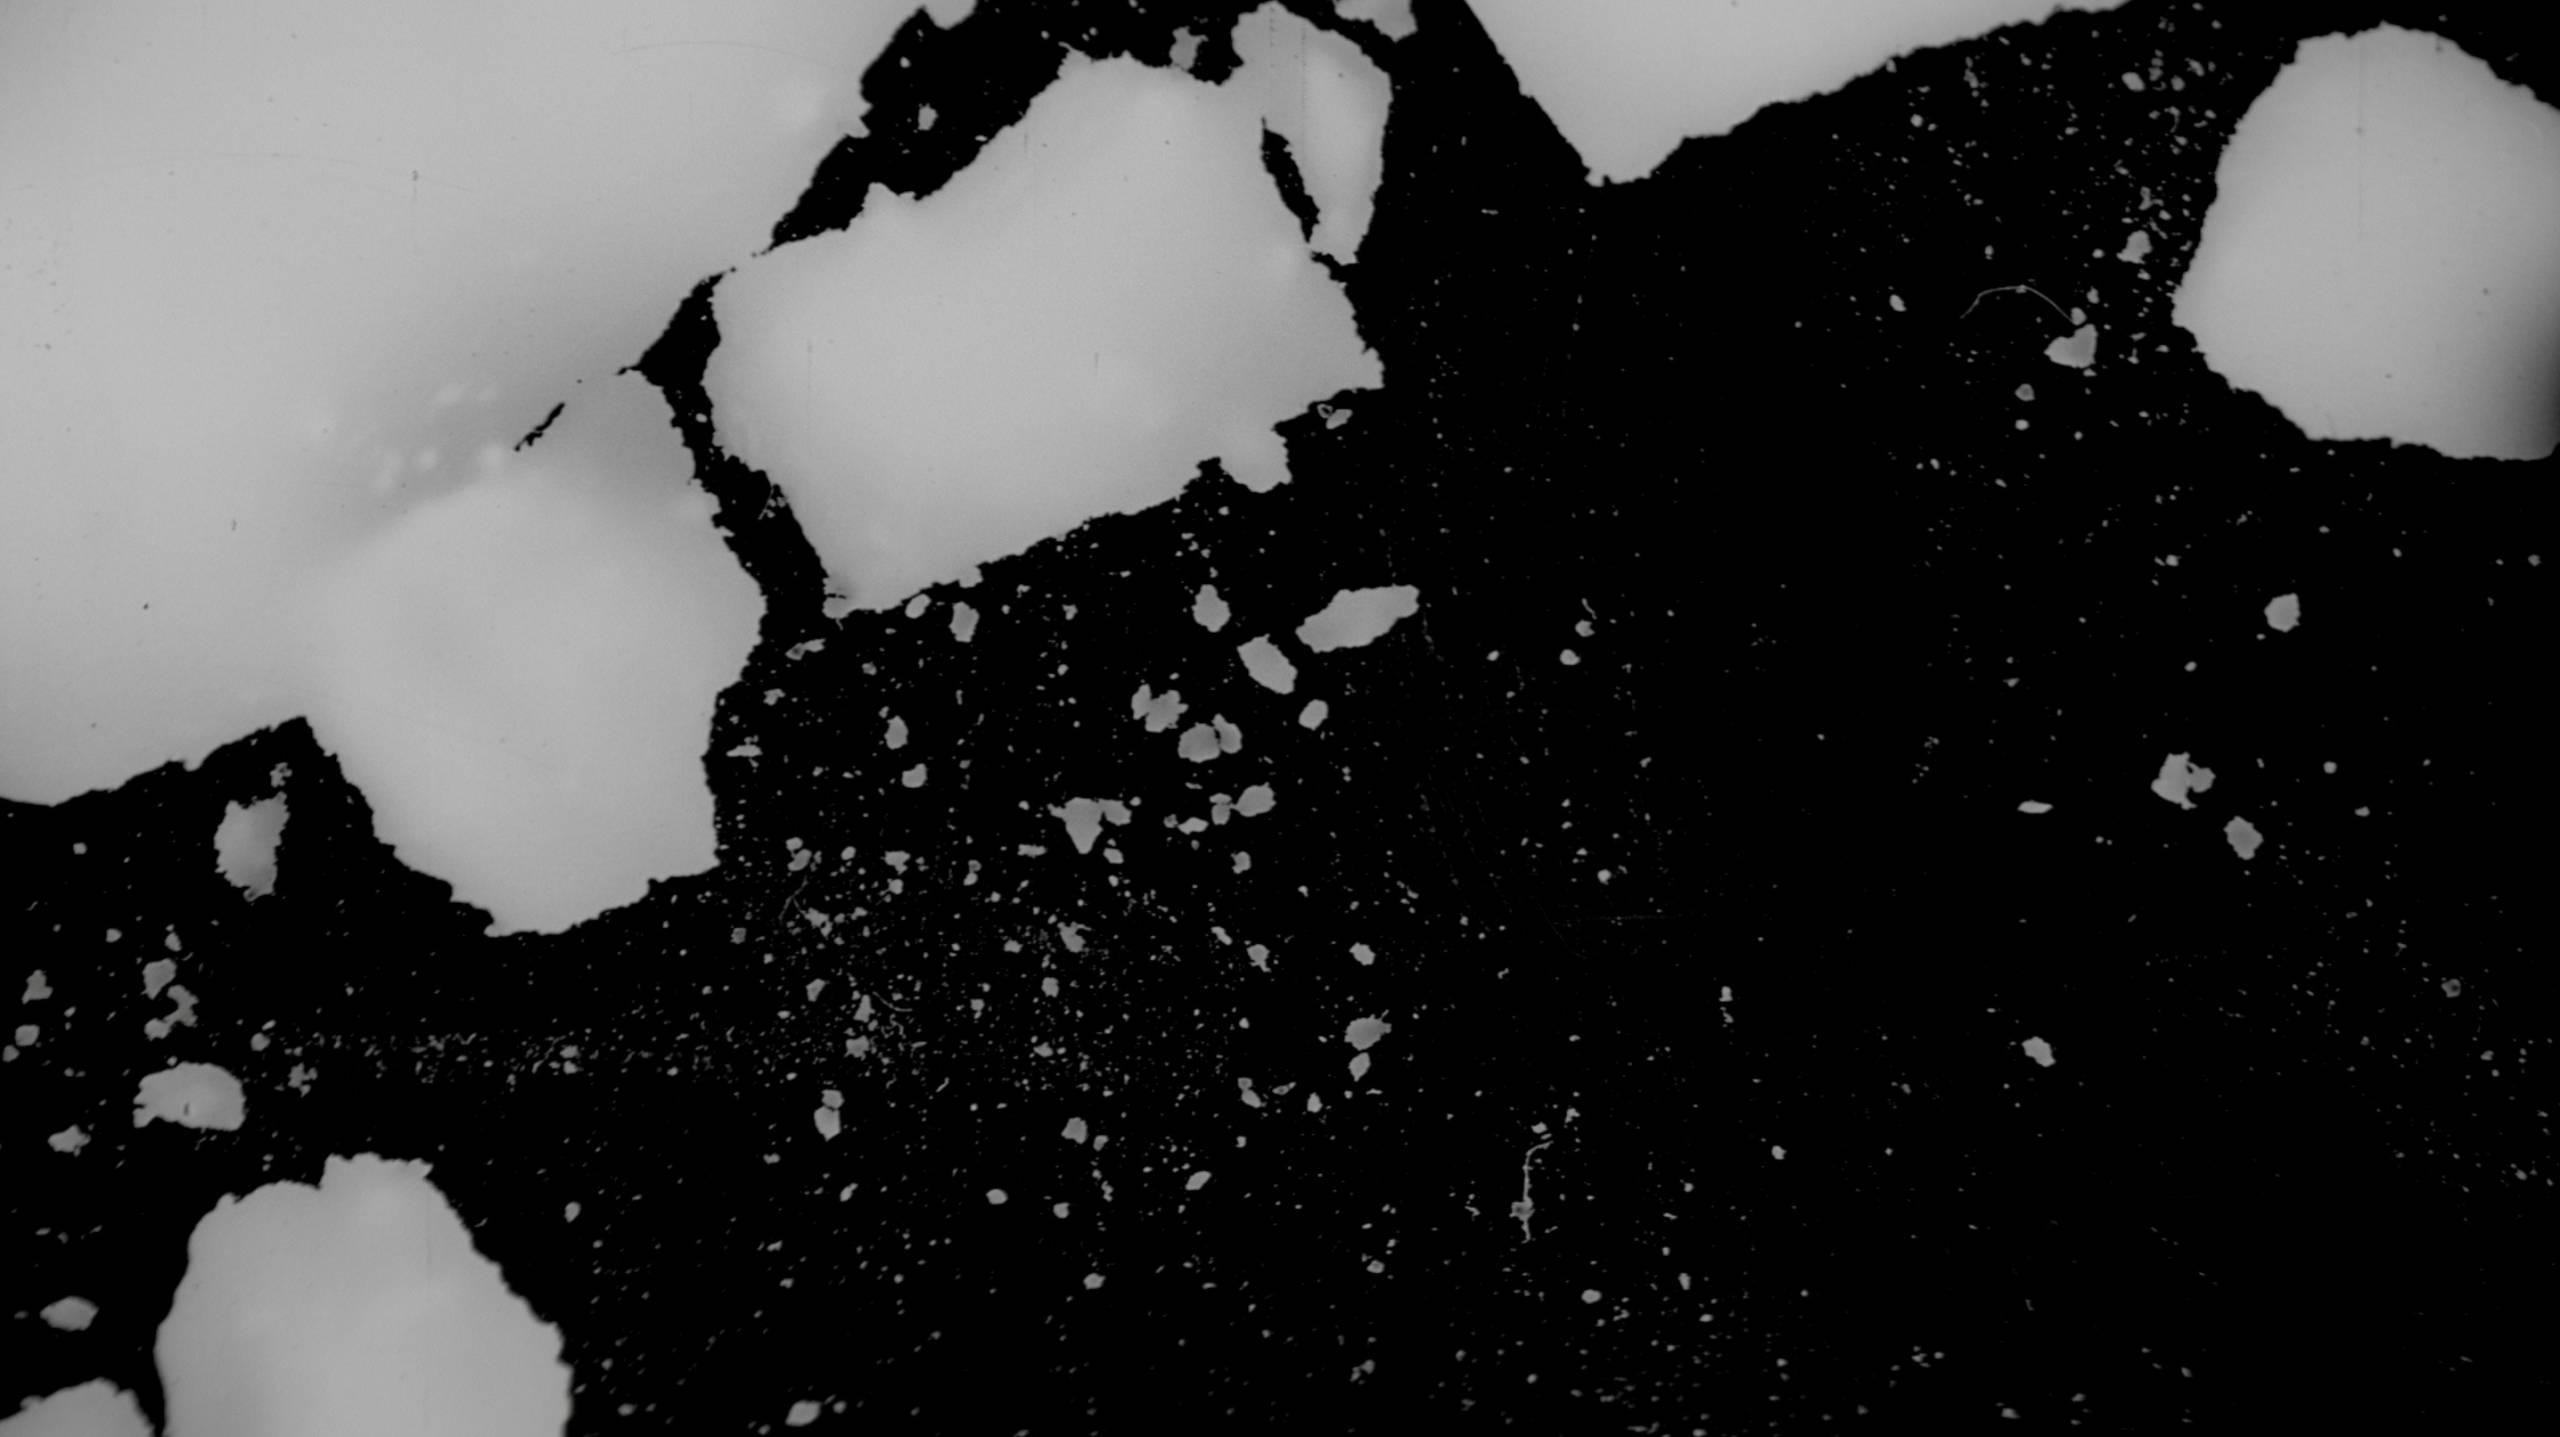 Stillkuva Mannerlaatta-elokuvasta. Mustalla pinnalla näkyy valkoisia lohkareita ja murusia.